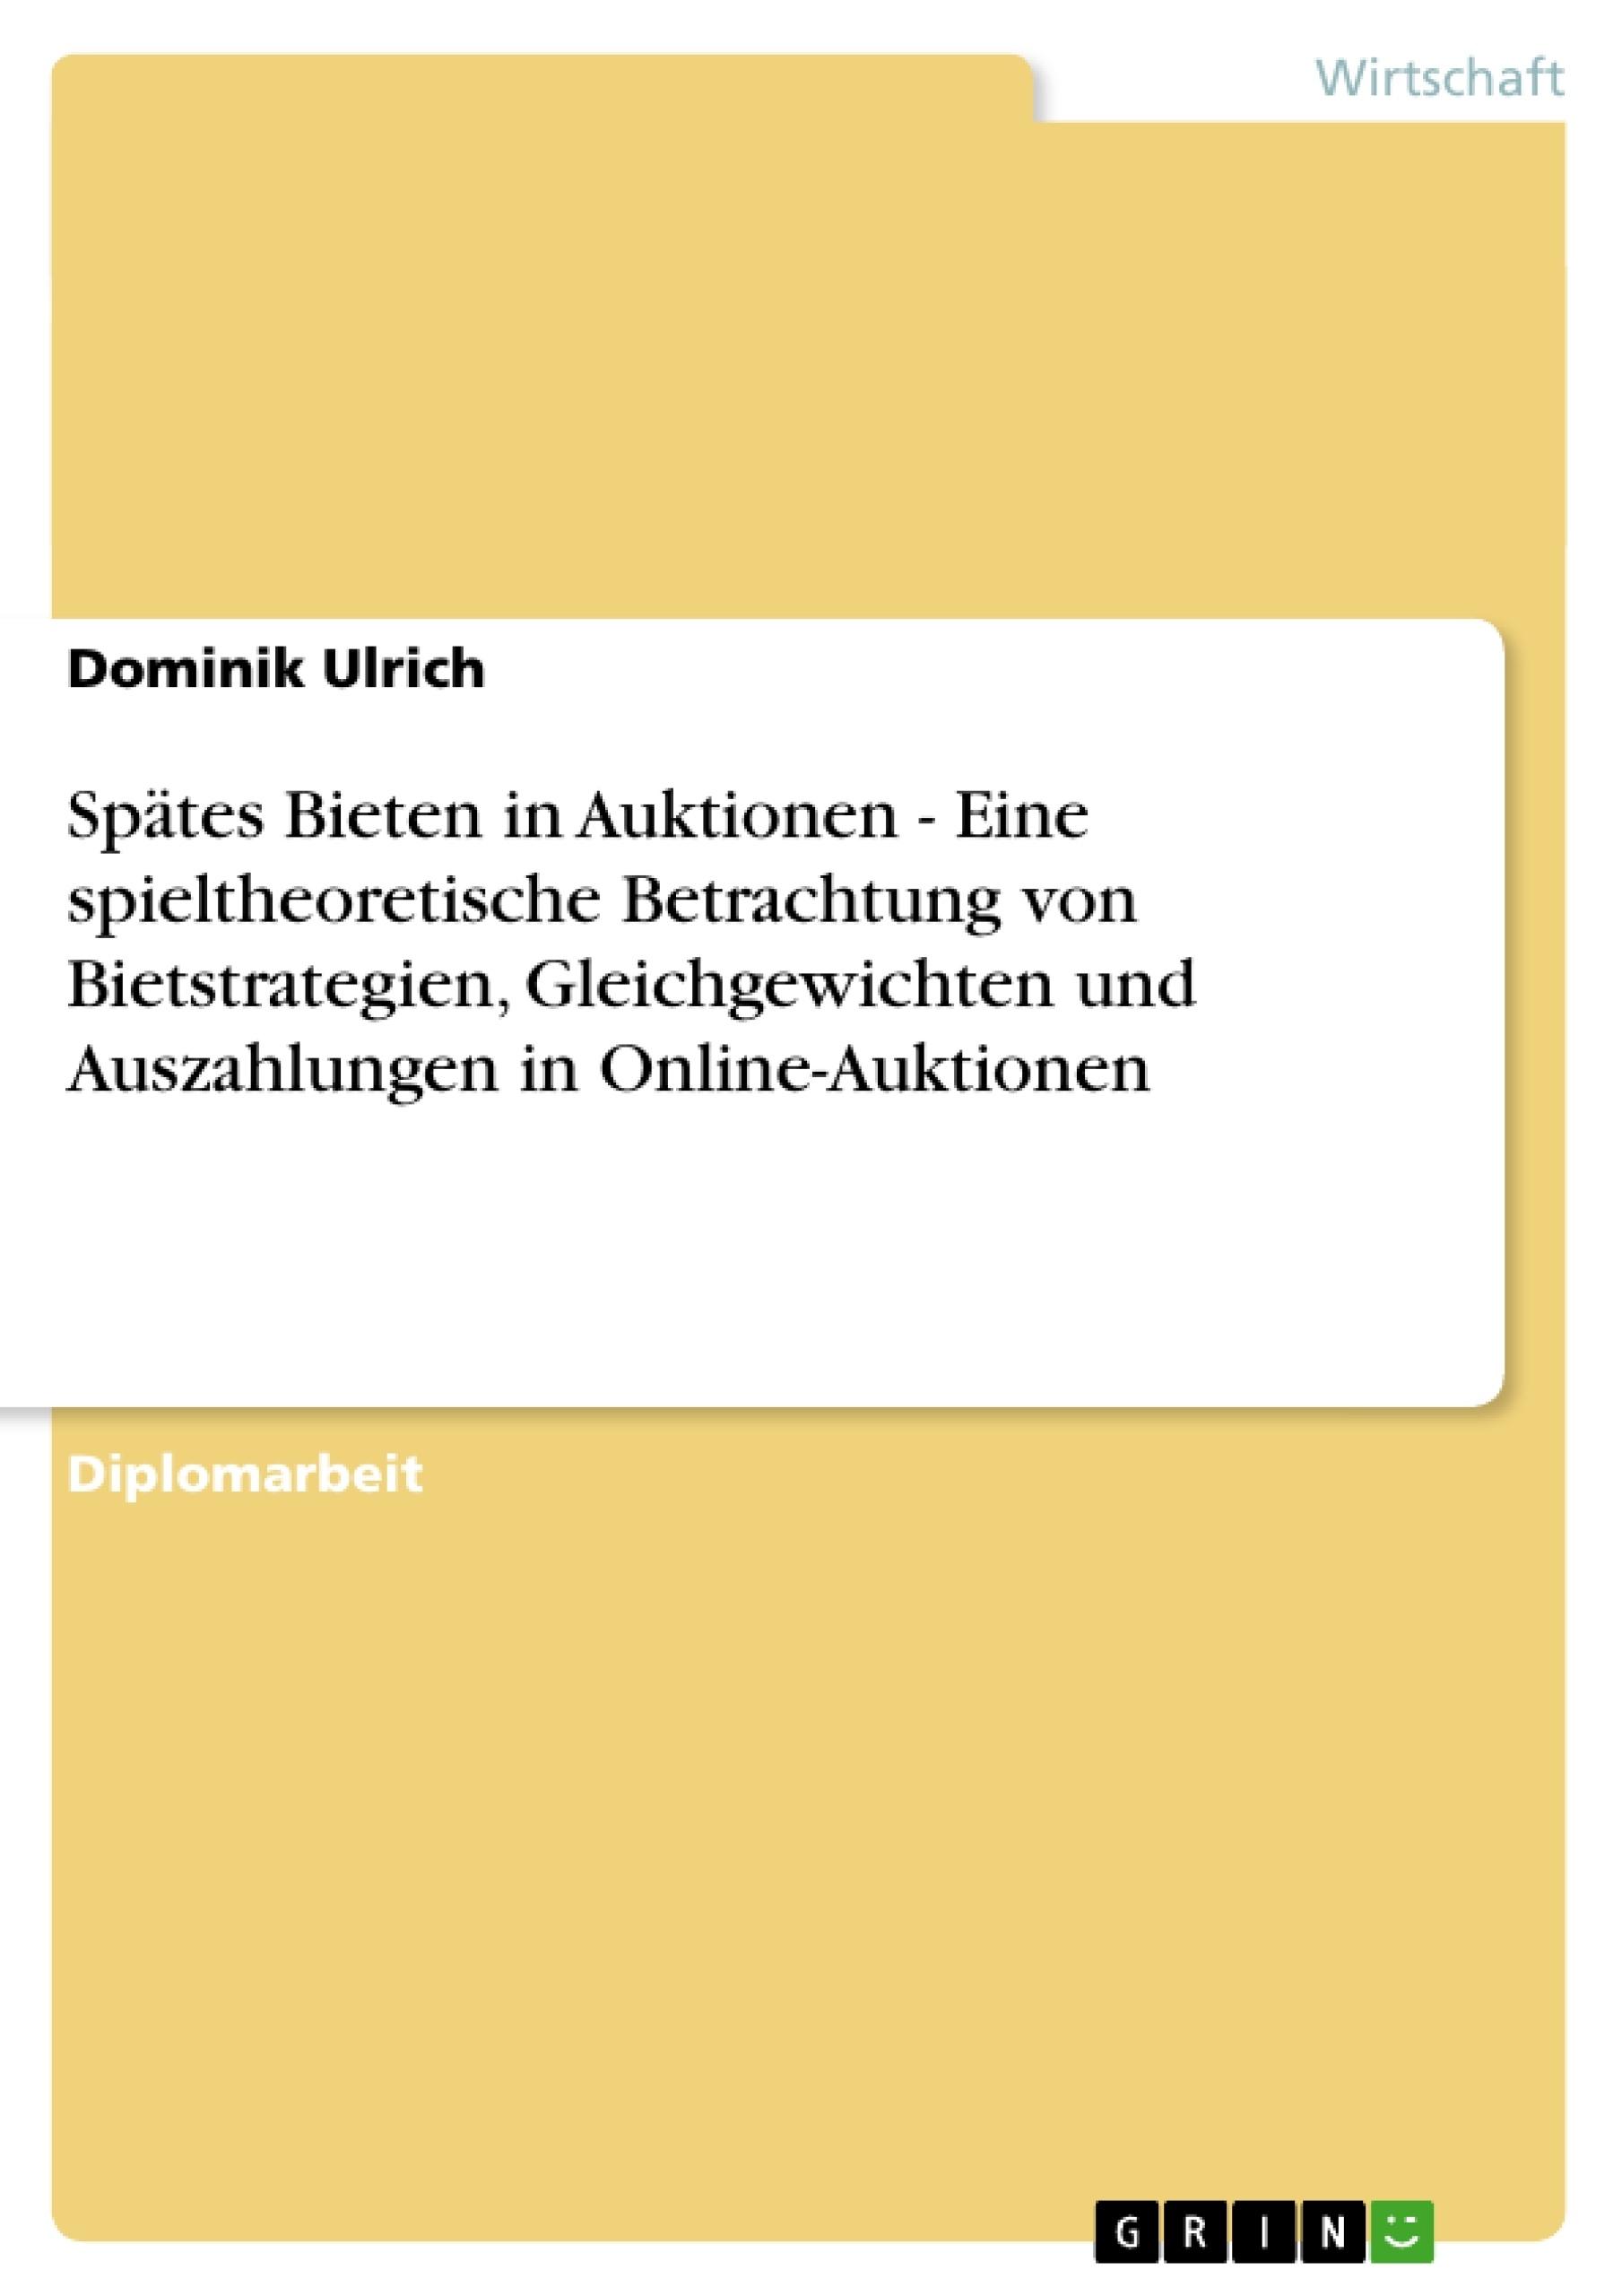 Titel: Spätes Bieten in Auktionen - Eine spieltheoretische Betrachtung von Bietstrategien, Gleichgewichten und Auszahlungen in Online-Auktionen